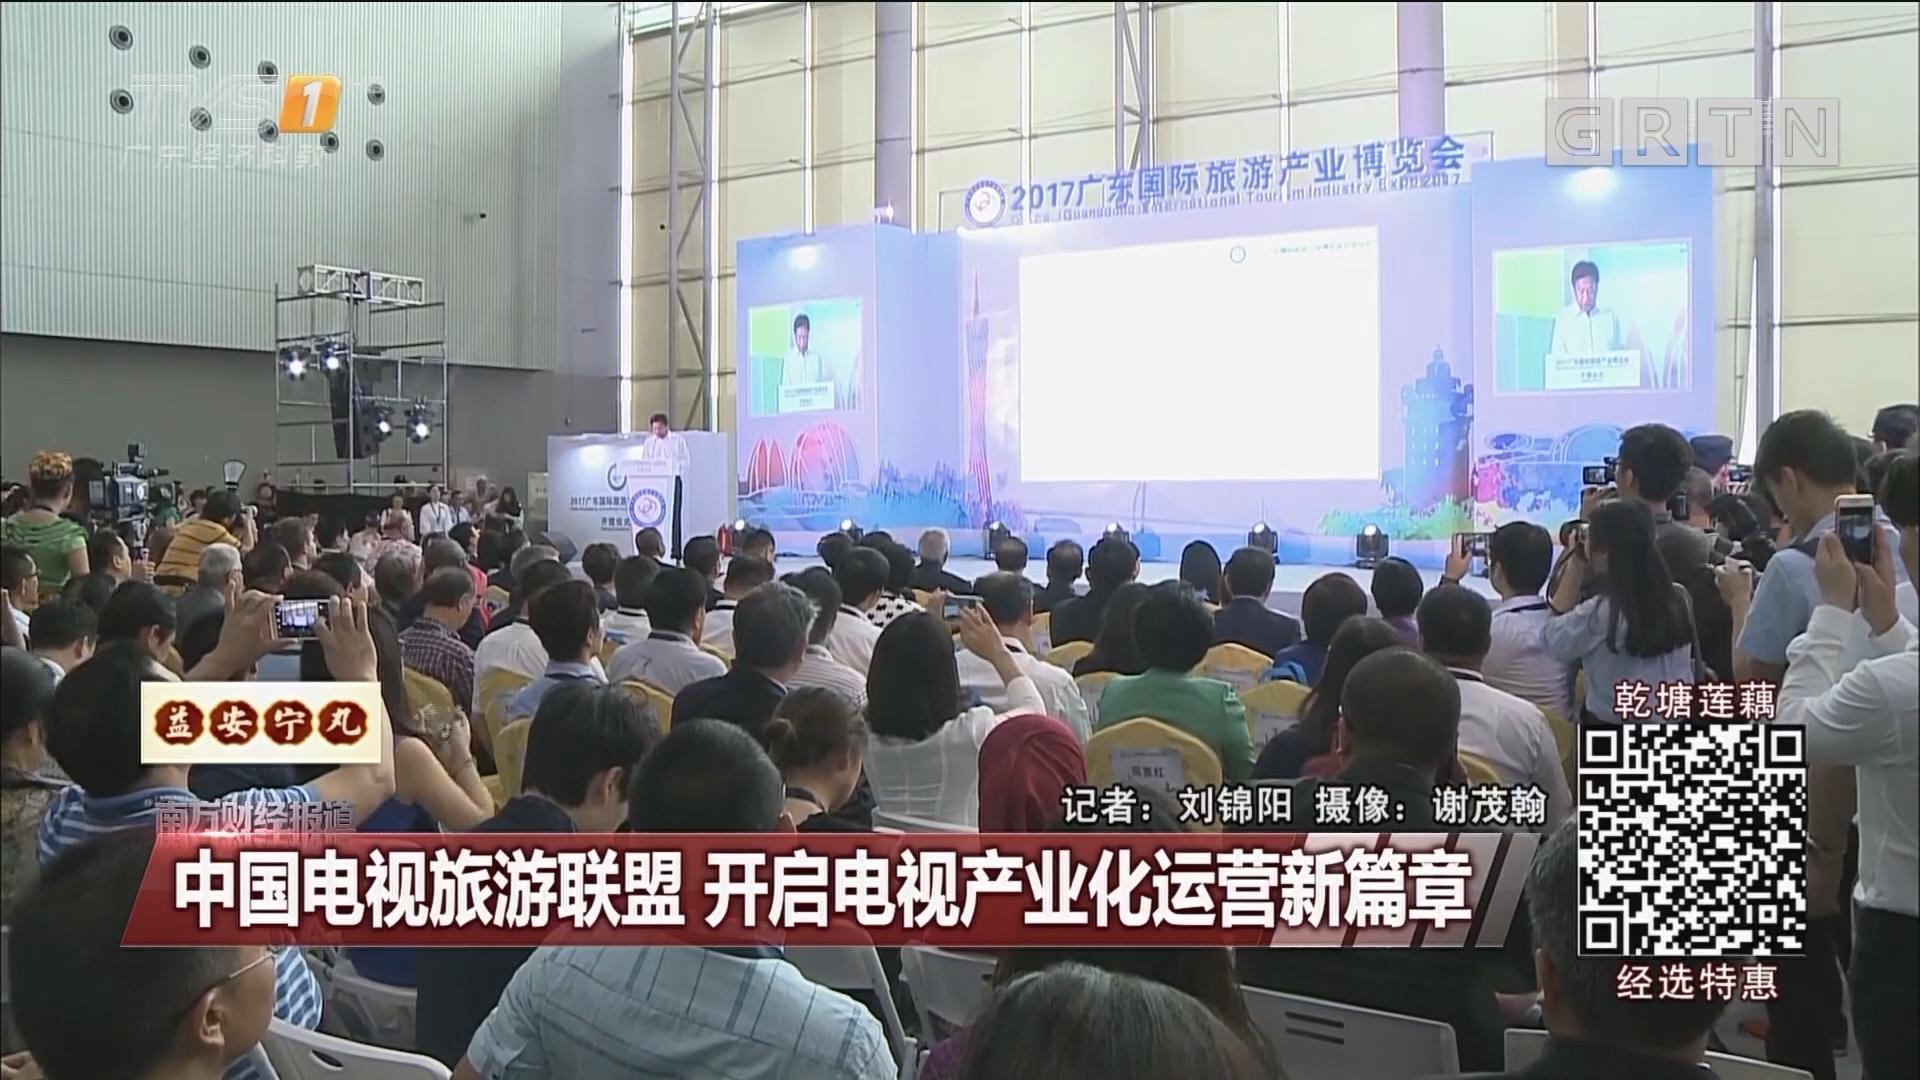 中国电视旅游联盟 开启电视产业化运营新篇章